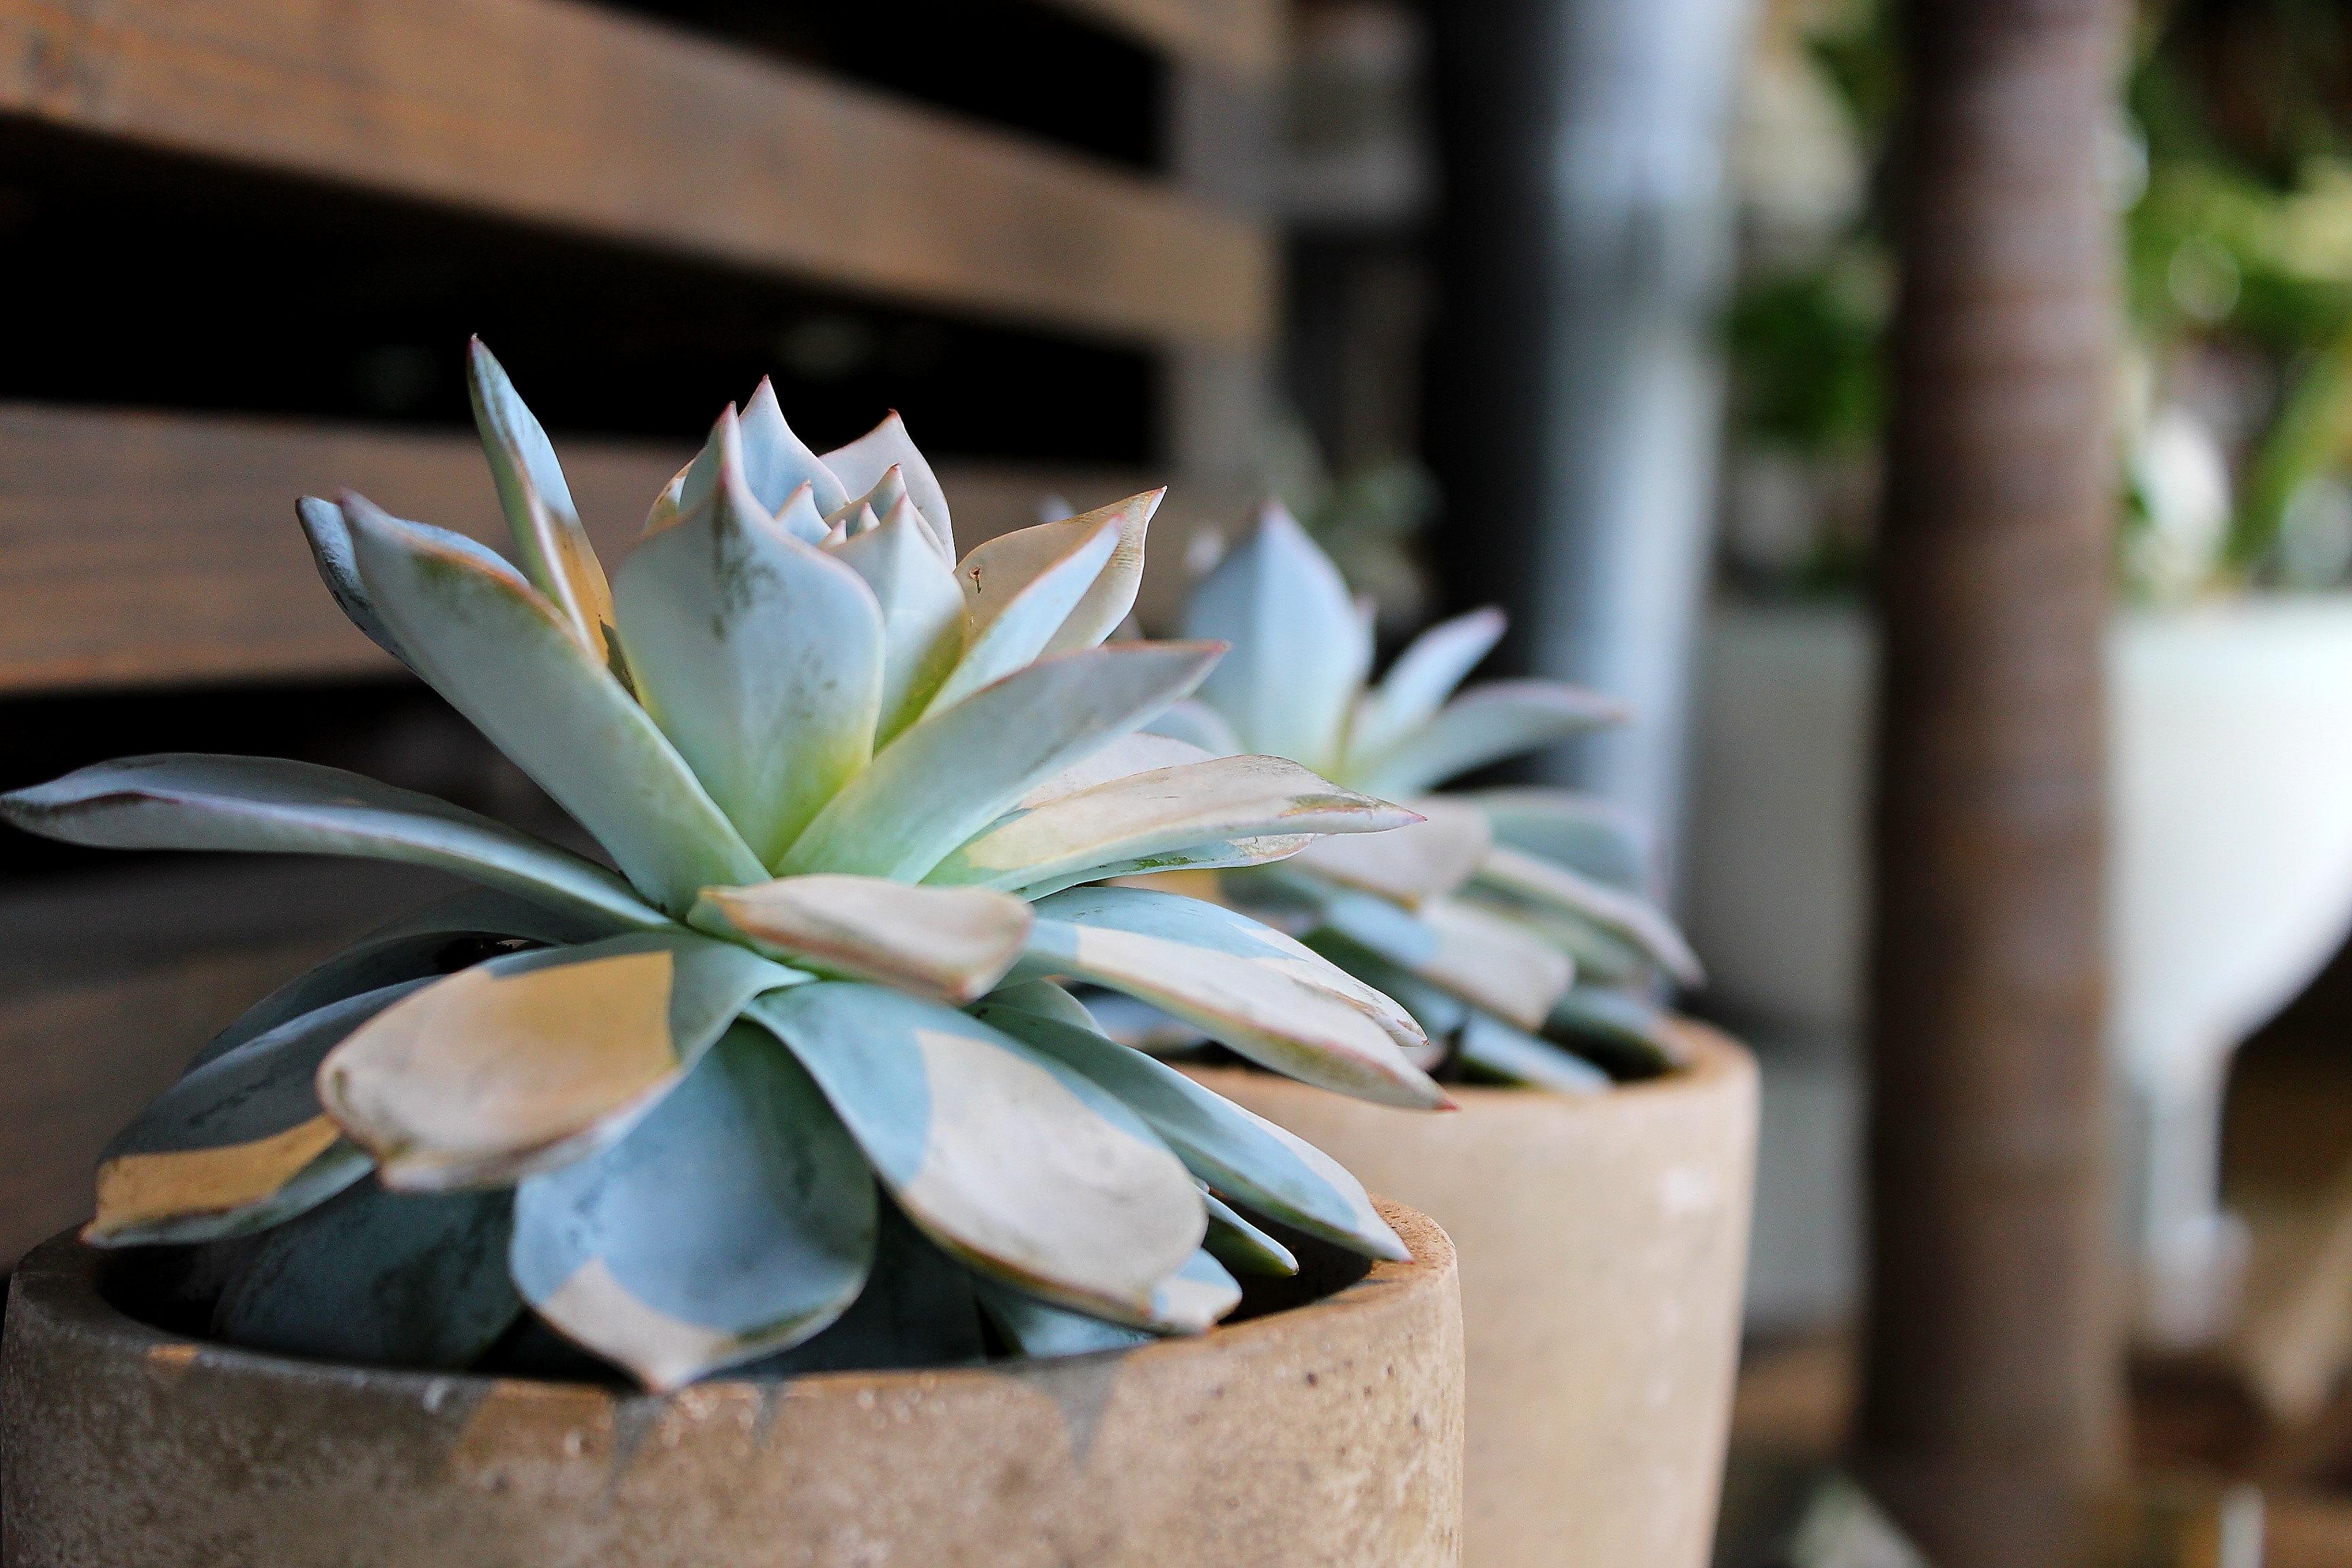 【COUP クー】本来の美しさを引出しプロフェッショナルな花屋